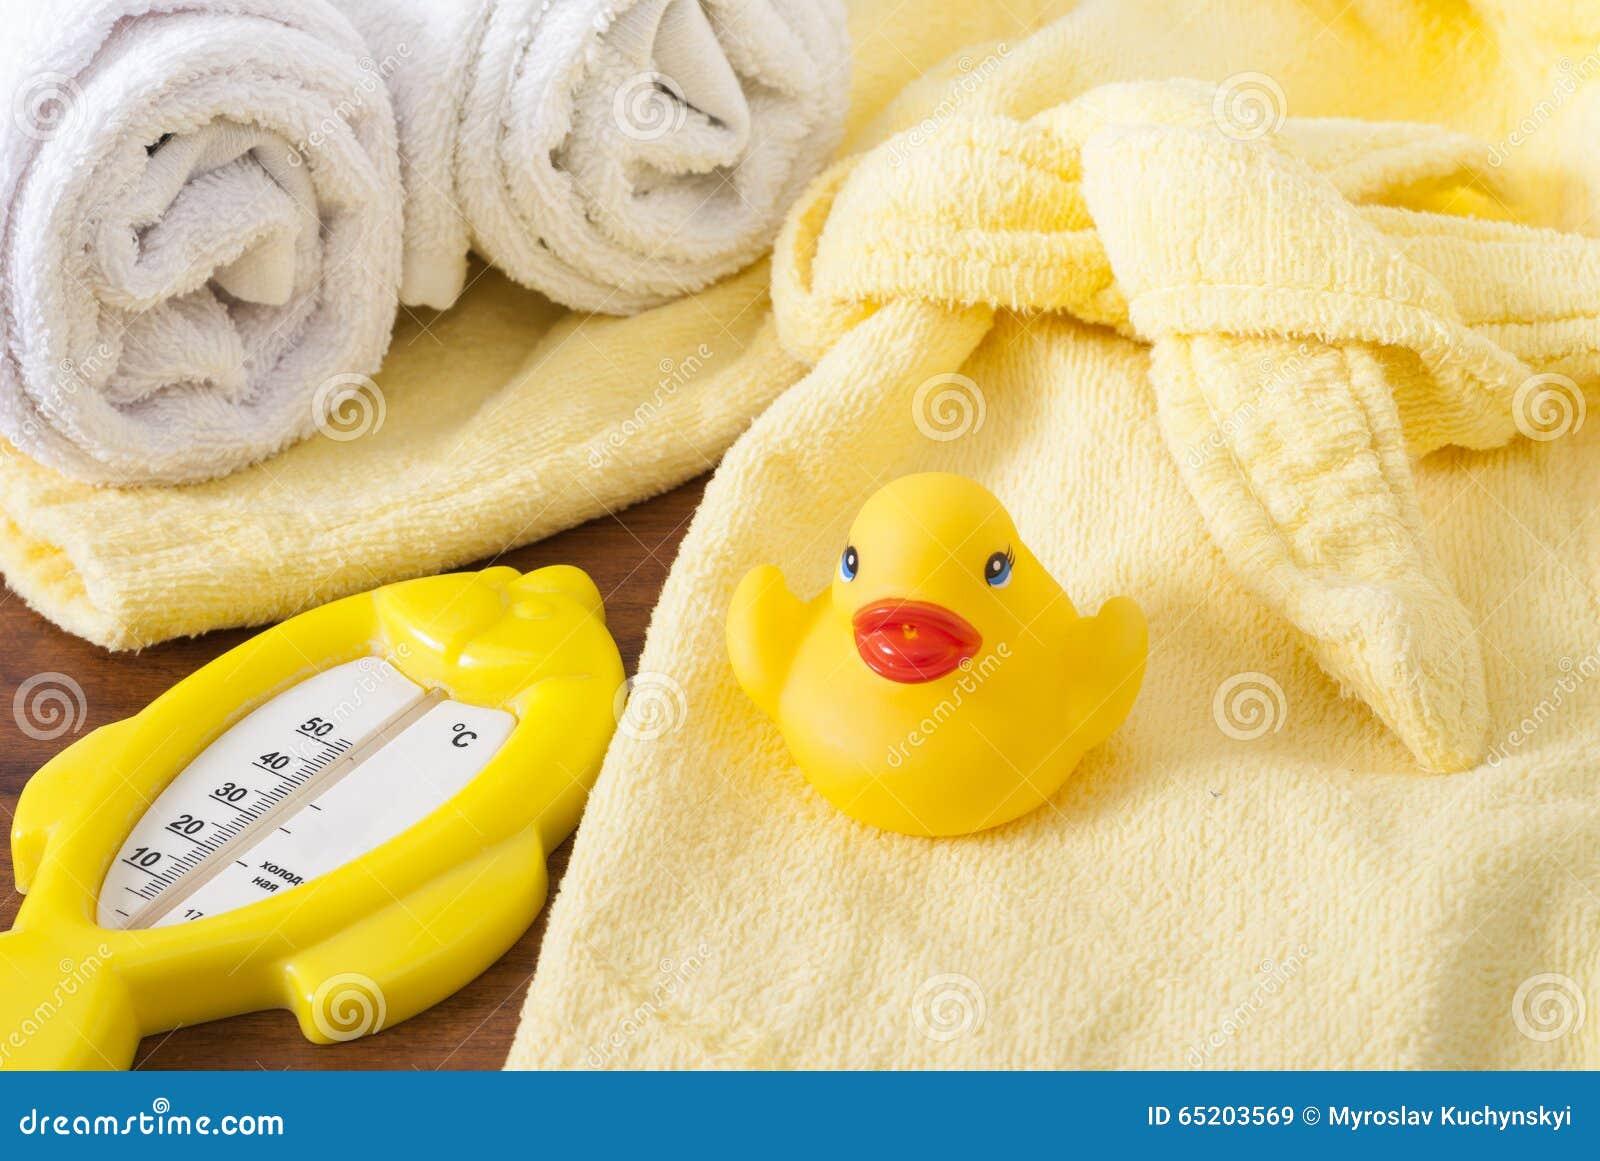 Badhanddoeken en Geel rubber duckies